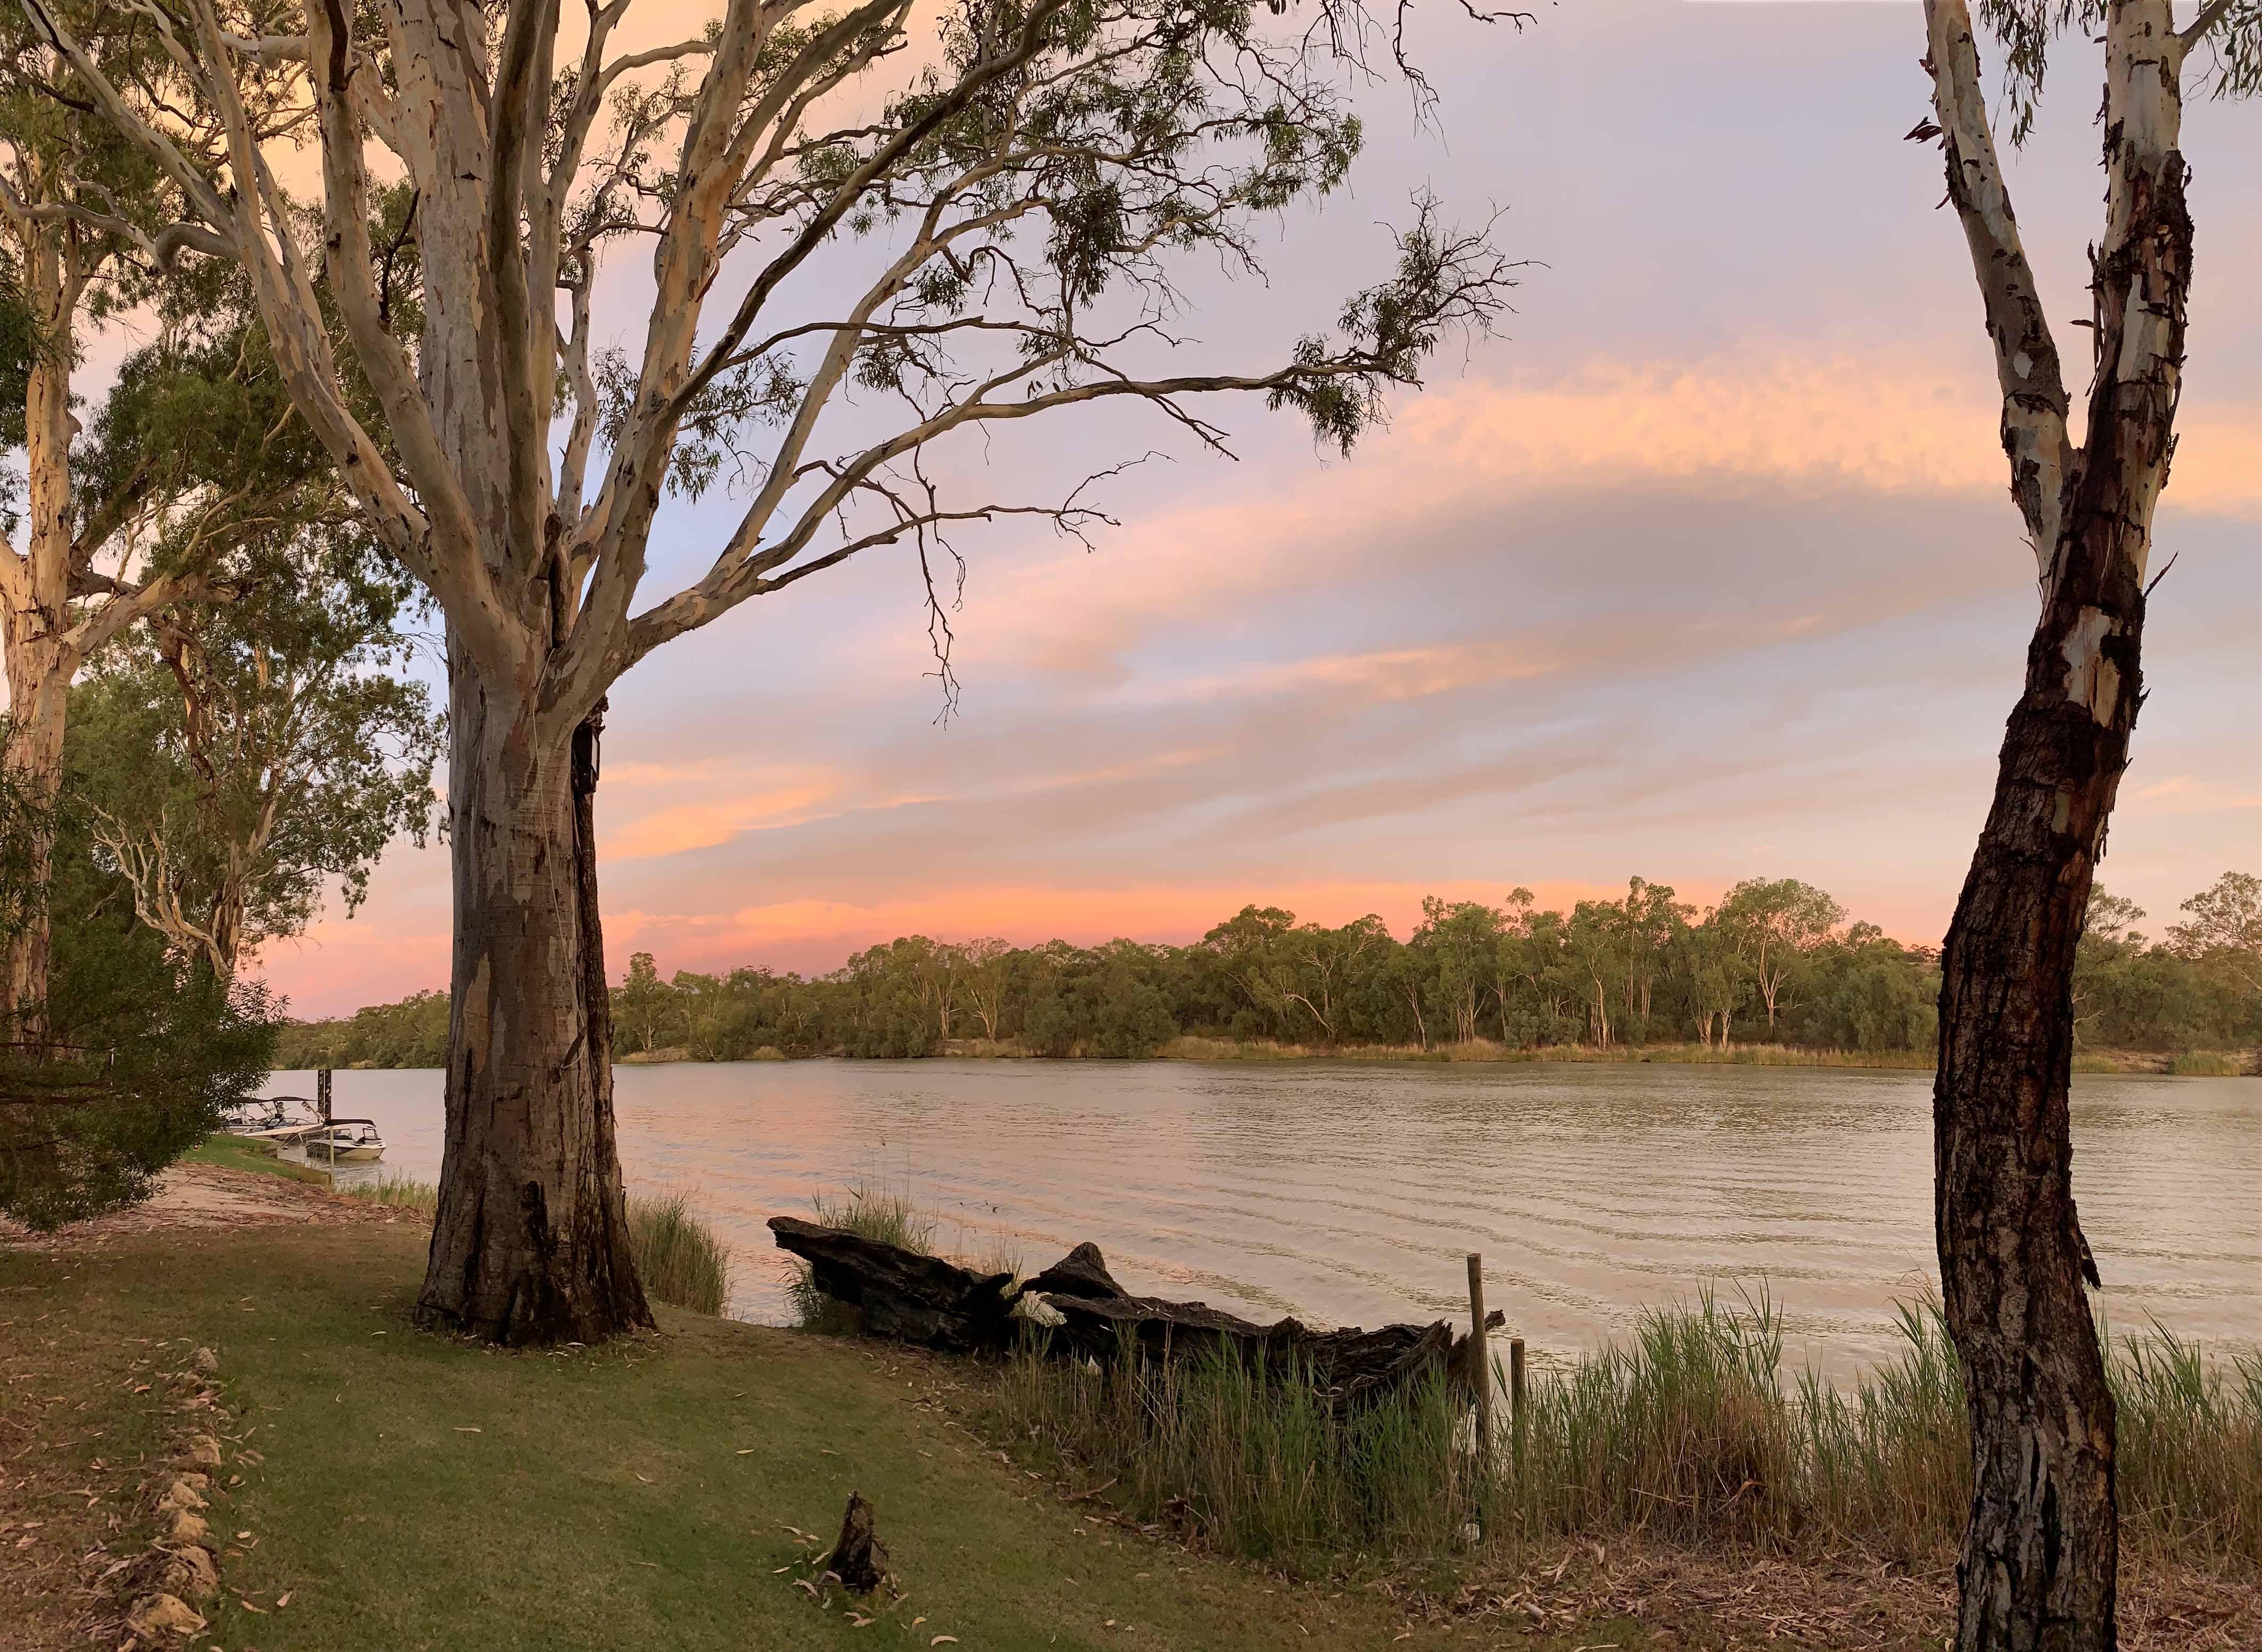 Tasha Munro - River Sunset